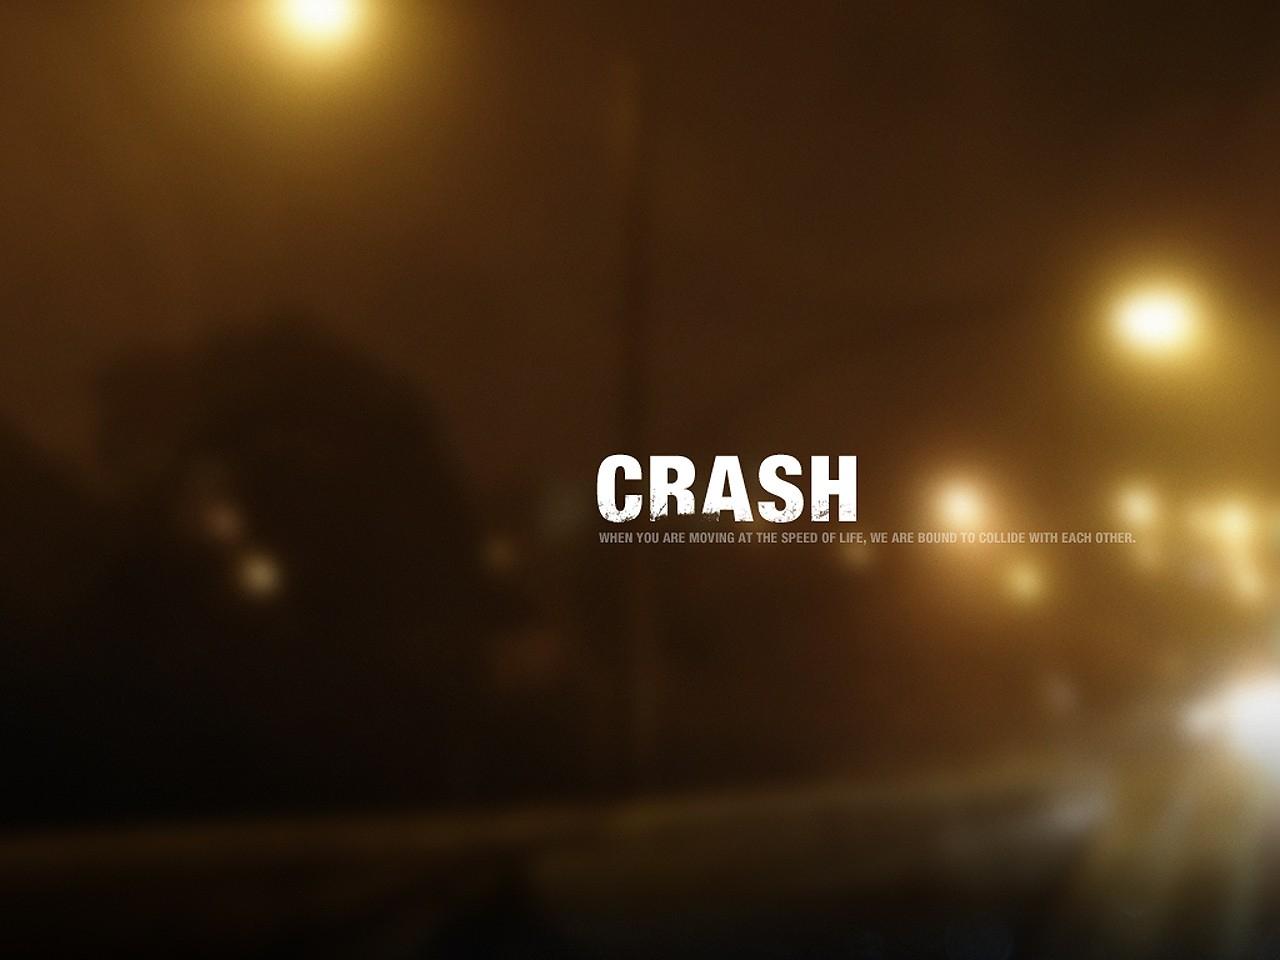 Wallpaper del film Crash - Contatto fisico